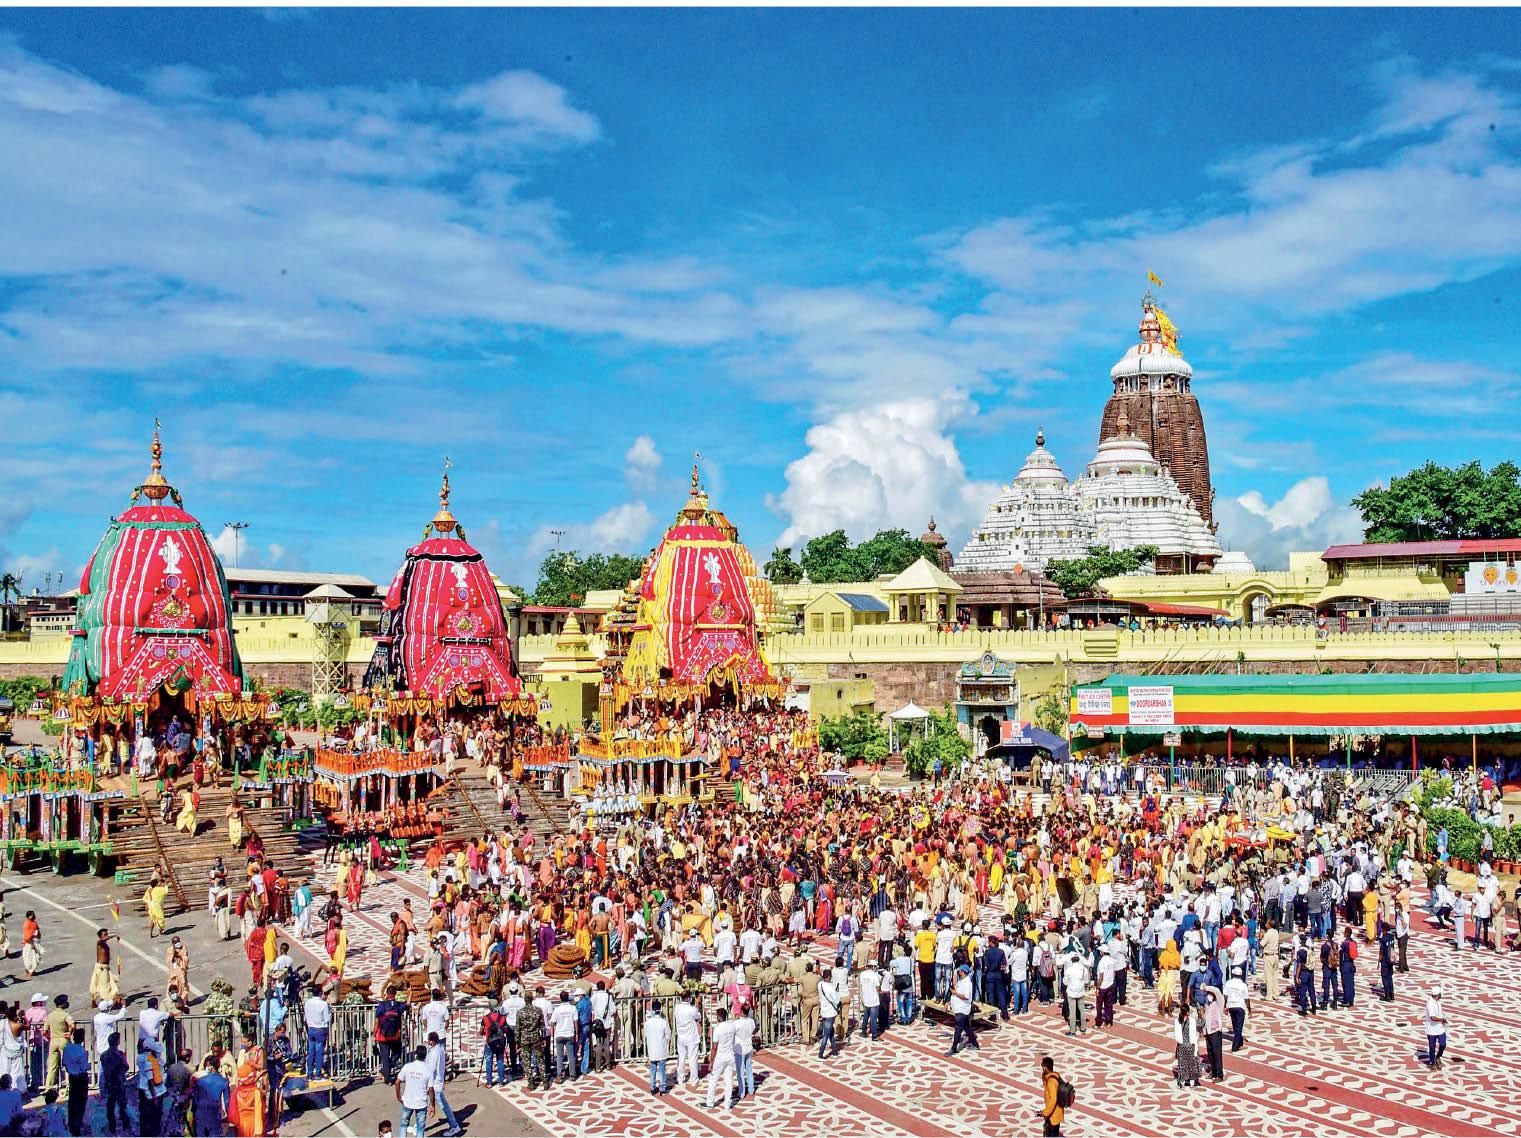 जहां-जहां से गुजरनी थी भगवान जगन्नाथ की रथयात्रा, वहां कर्फ्यू लगाया, ताकि भीड़ न जुटे|देश,National - Dainik Bhaskar